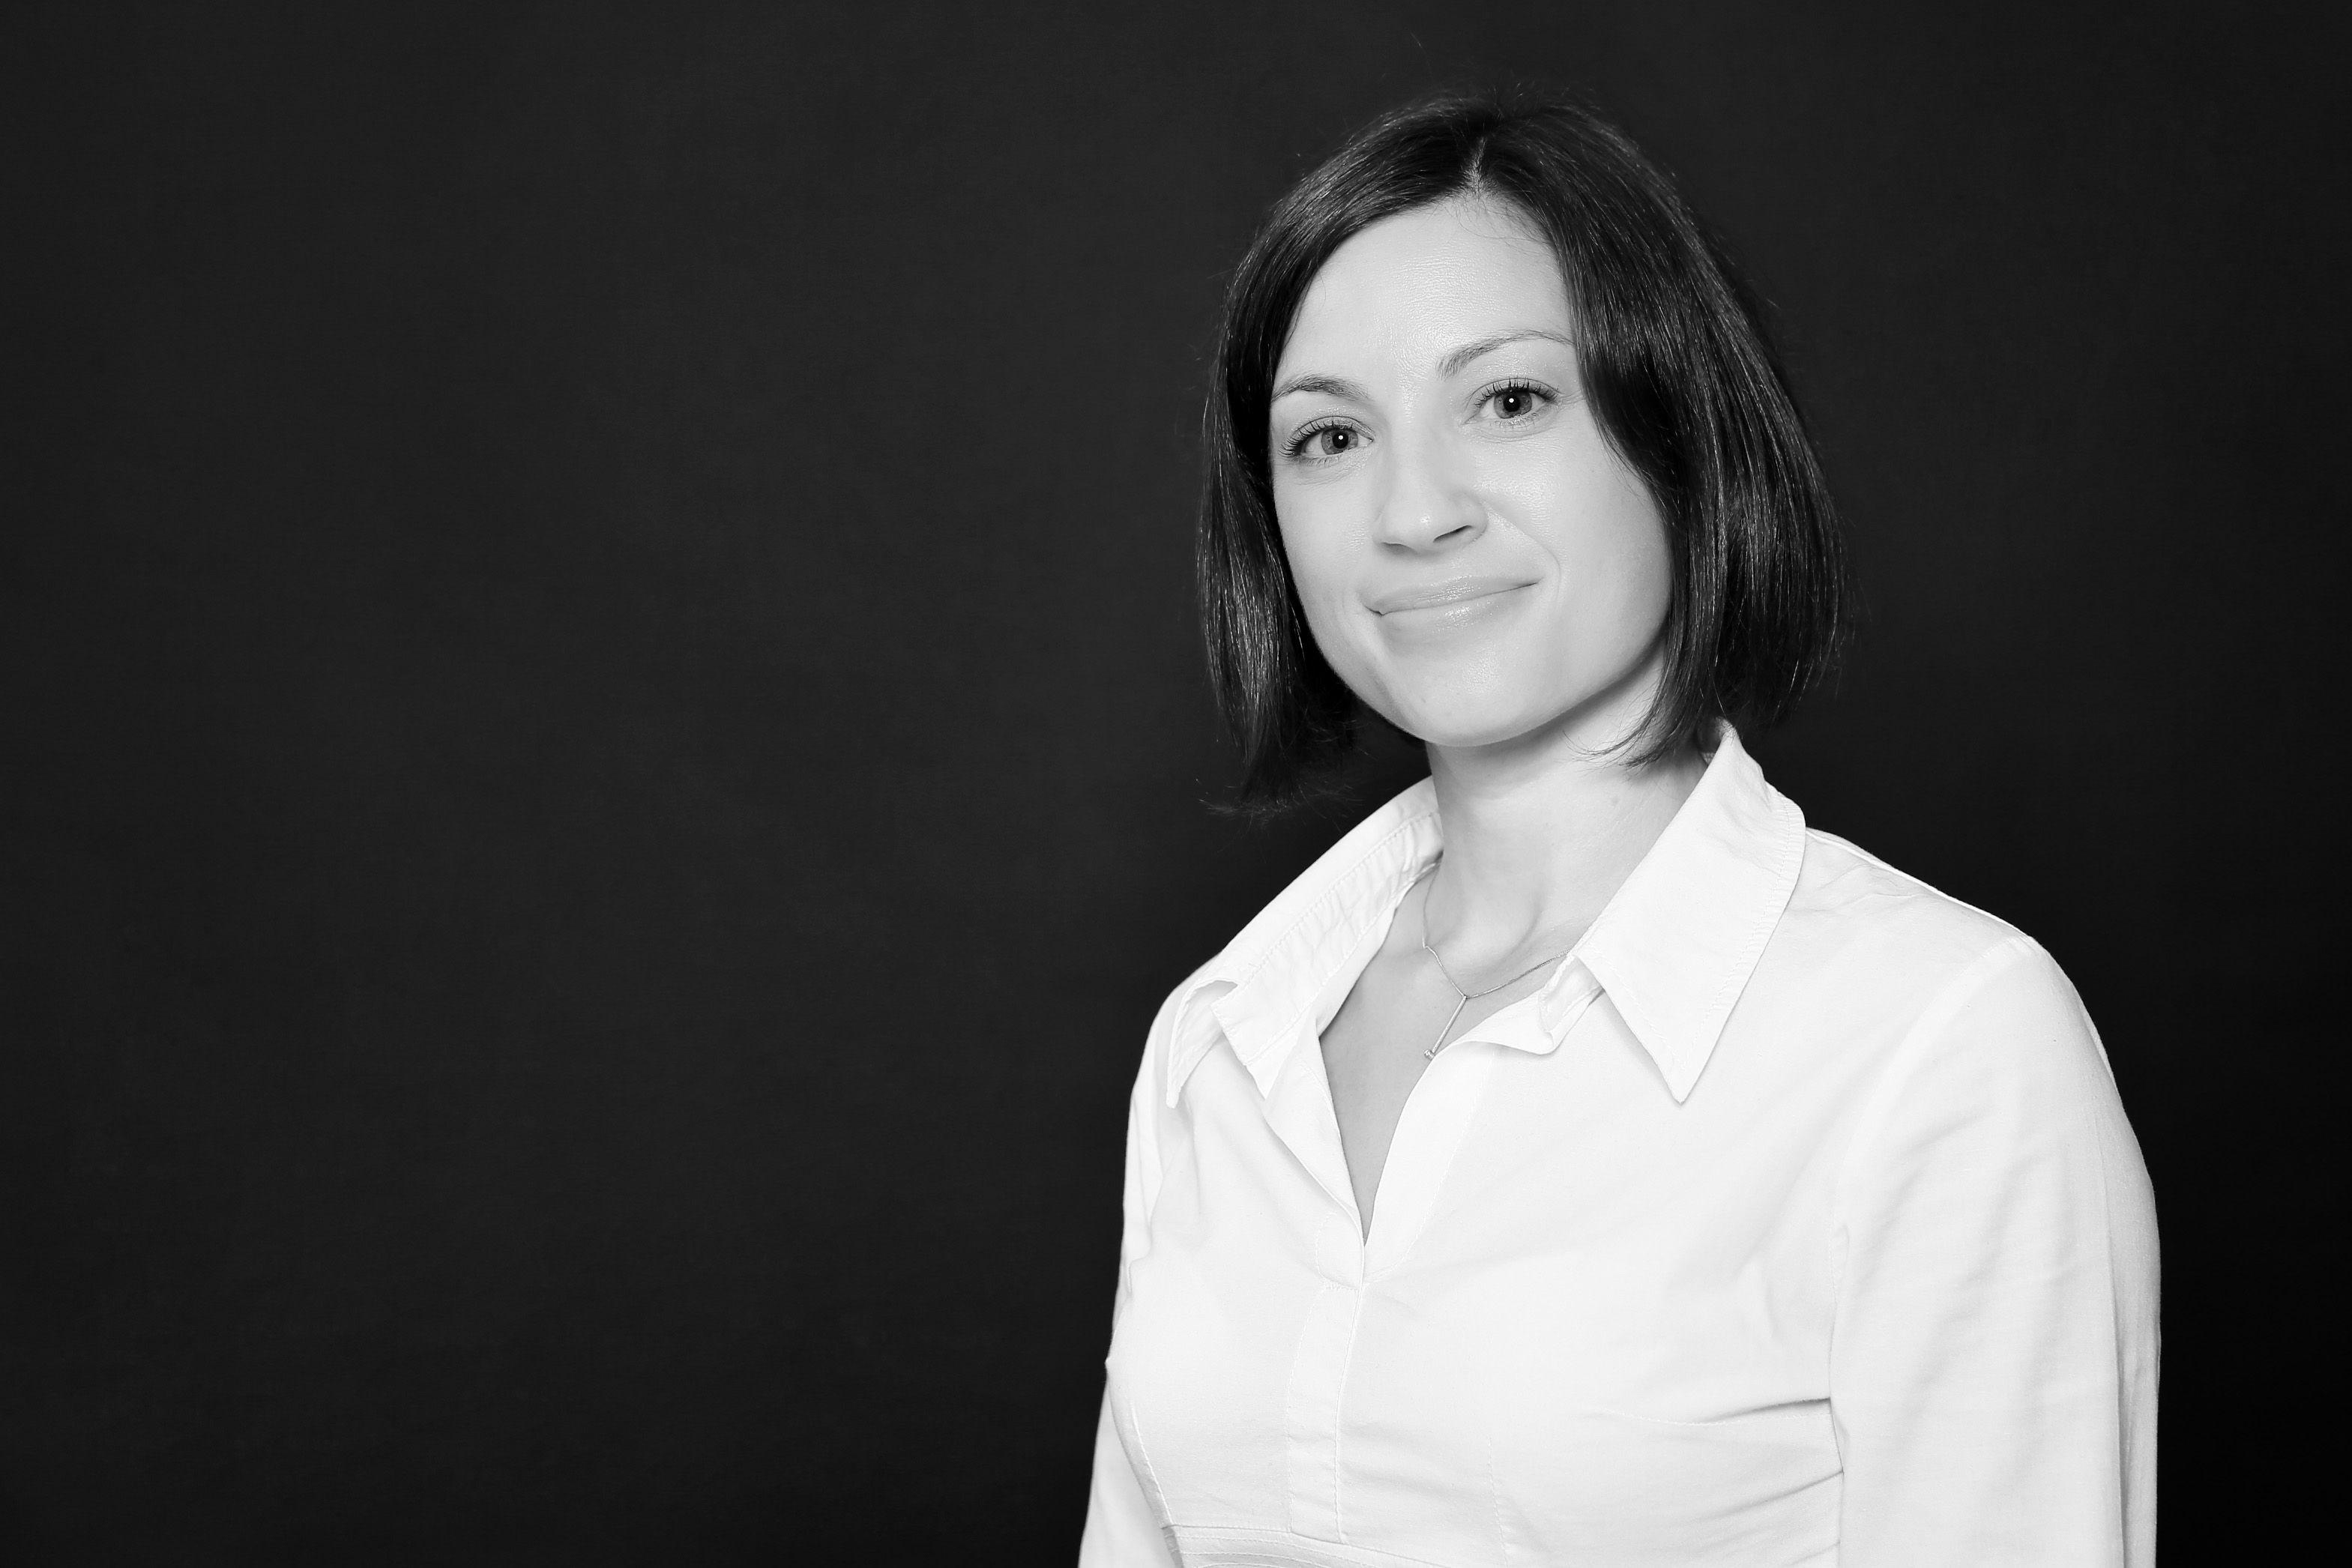 Lorraine Mougel Apres Une Formation En Ecole De Commerce Et 11